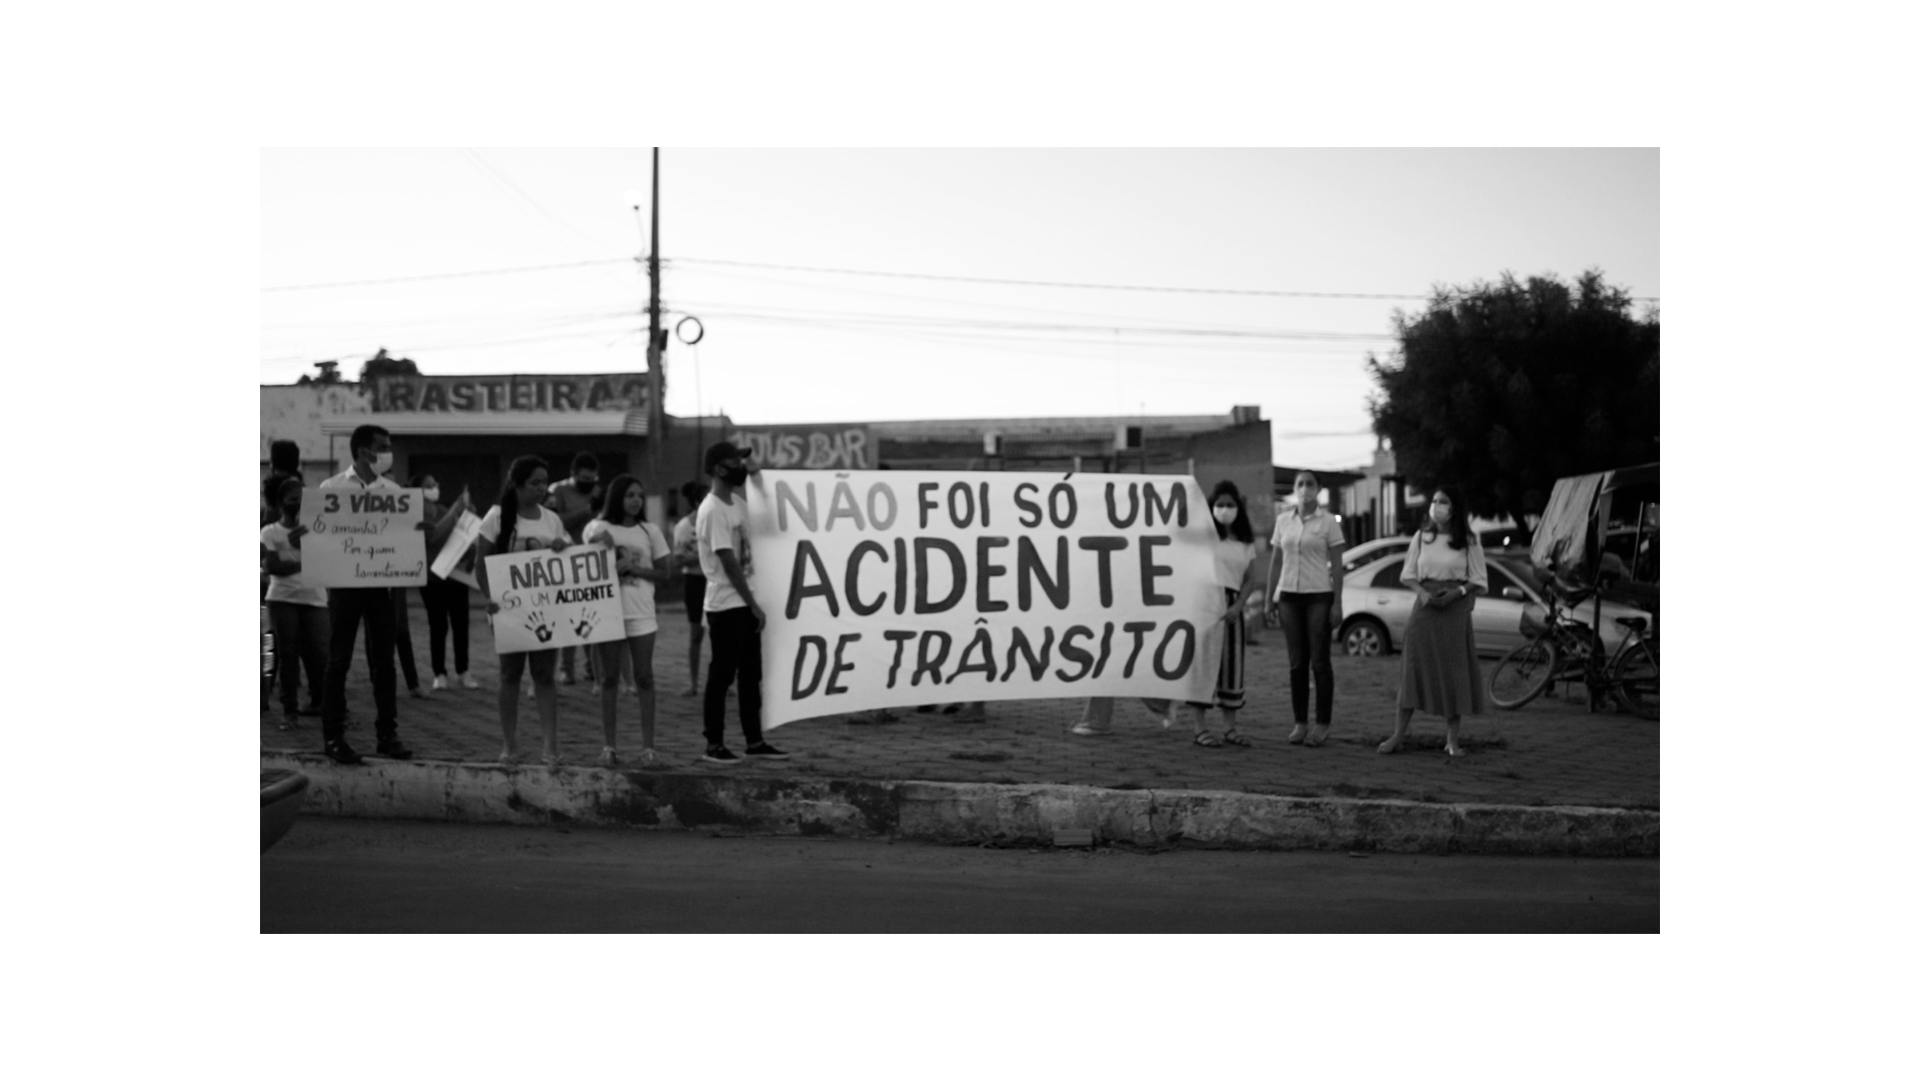 Manifestantes pedem justiça após criança morrer em acidente de transito na cidade de Grajaú